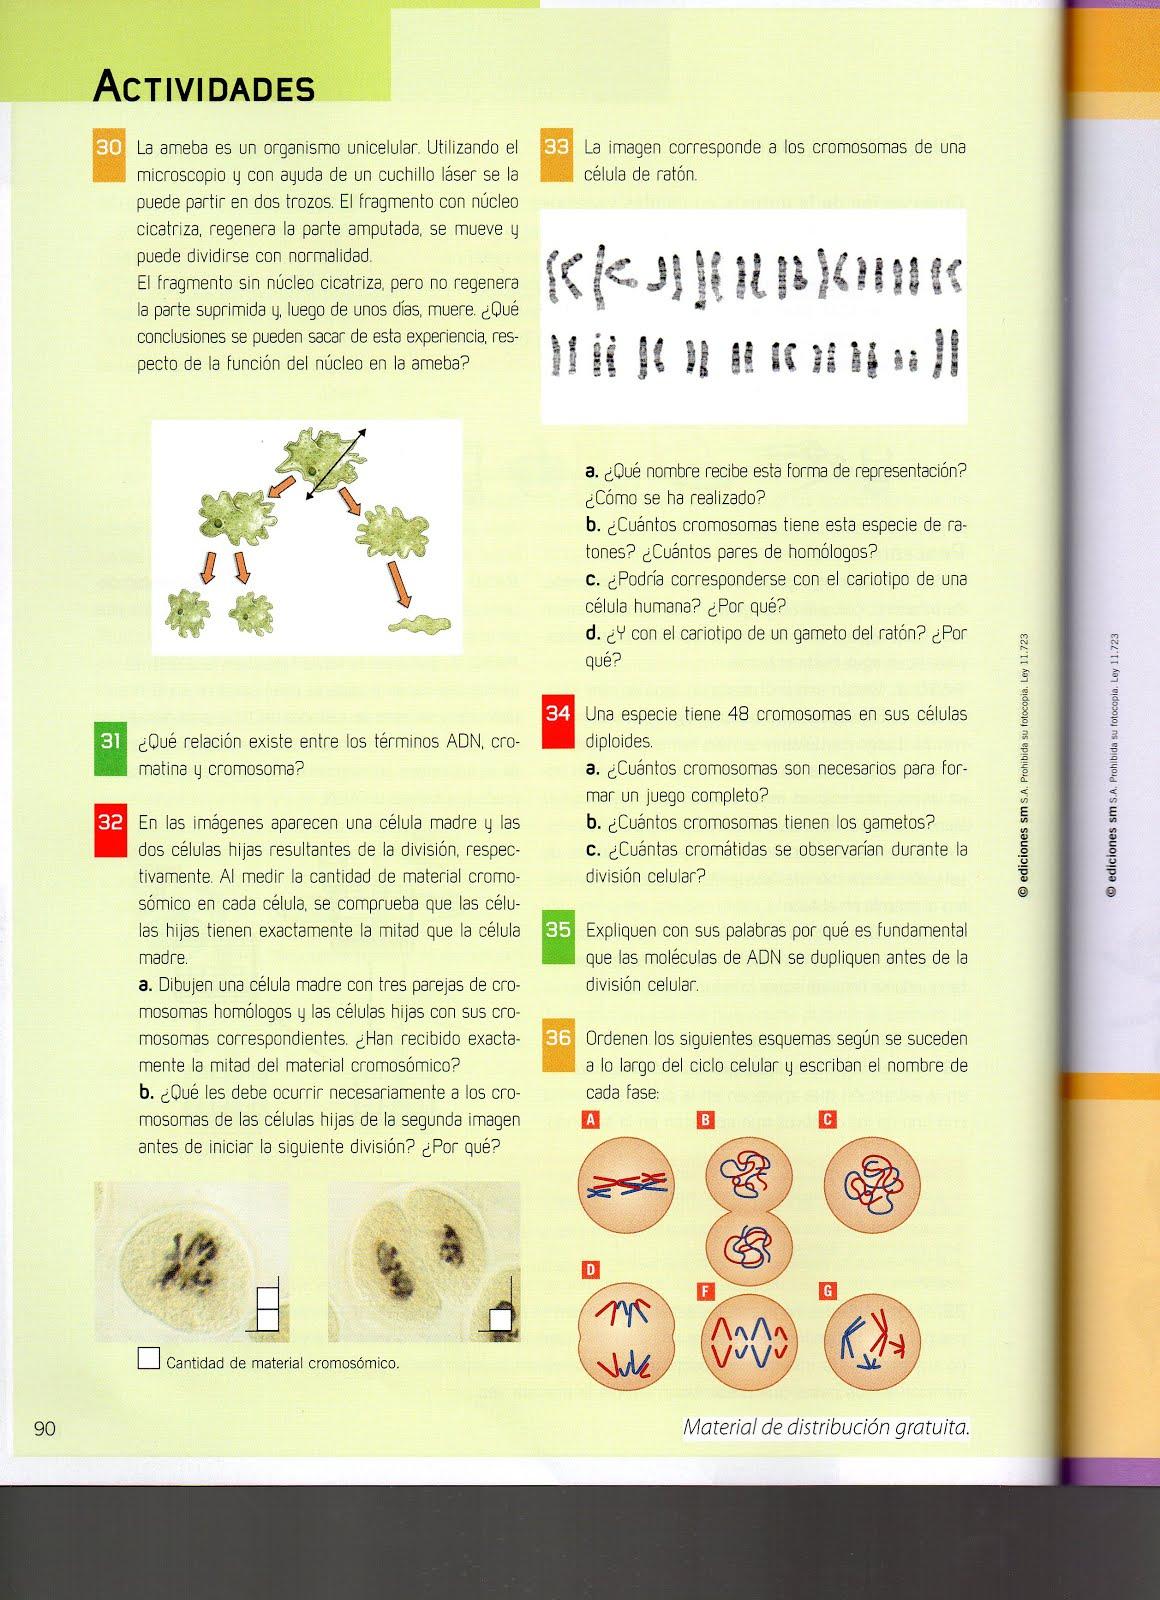 Trabajo Practico N.º 4. La división celular | Media 9 Biologia de ...